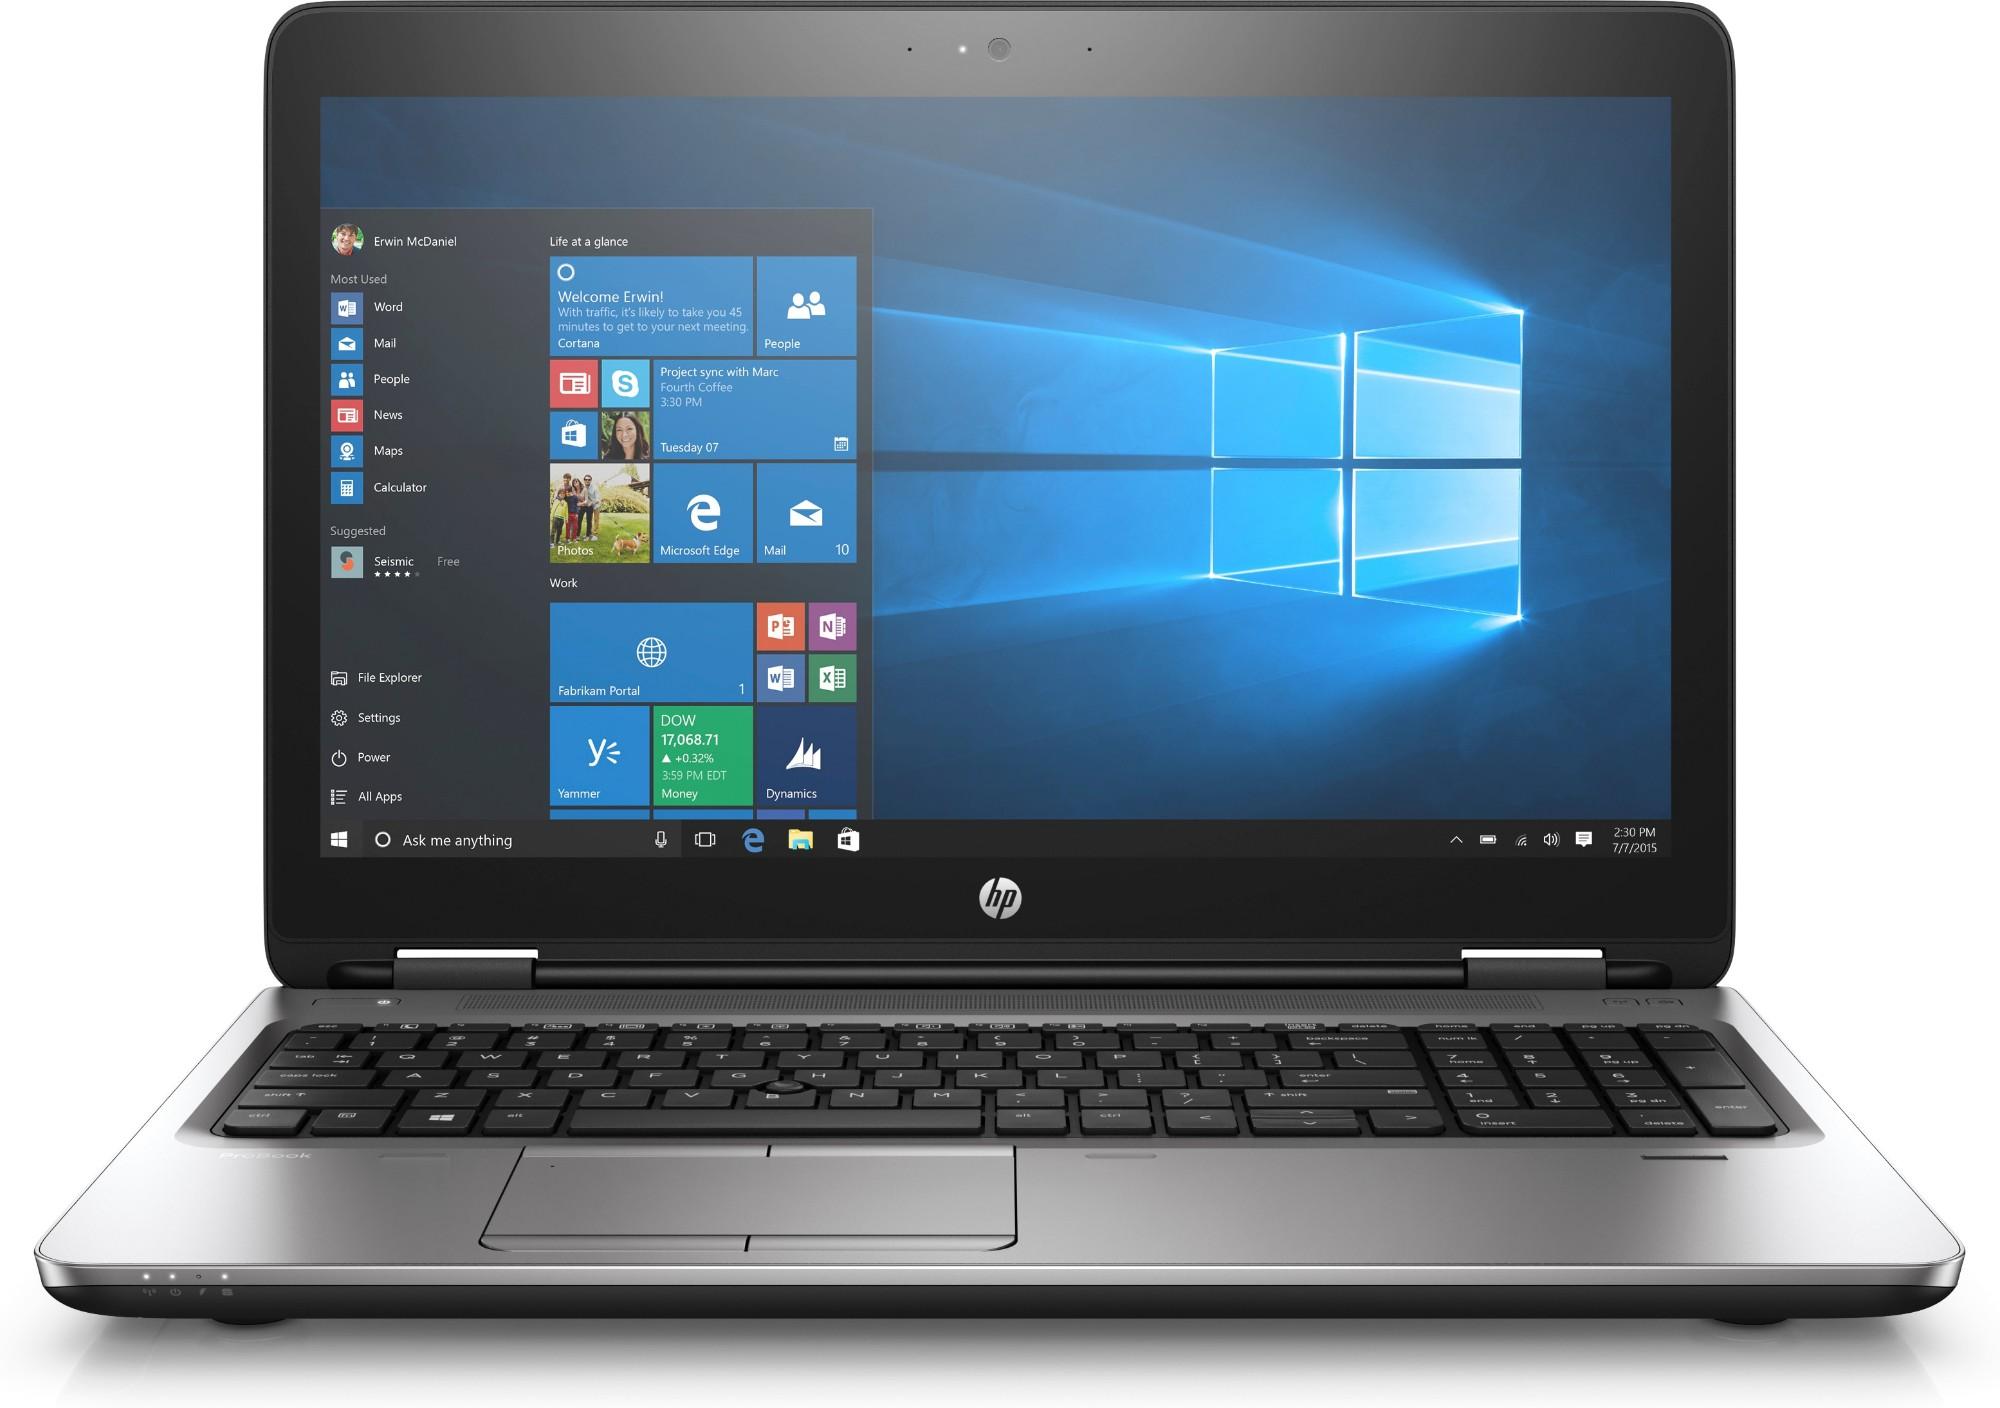 HP ProBook 650 G3 2.60GHz i5-7300U 7th gen Intel® Core™ i5 15.6